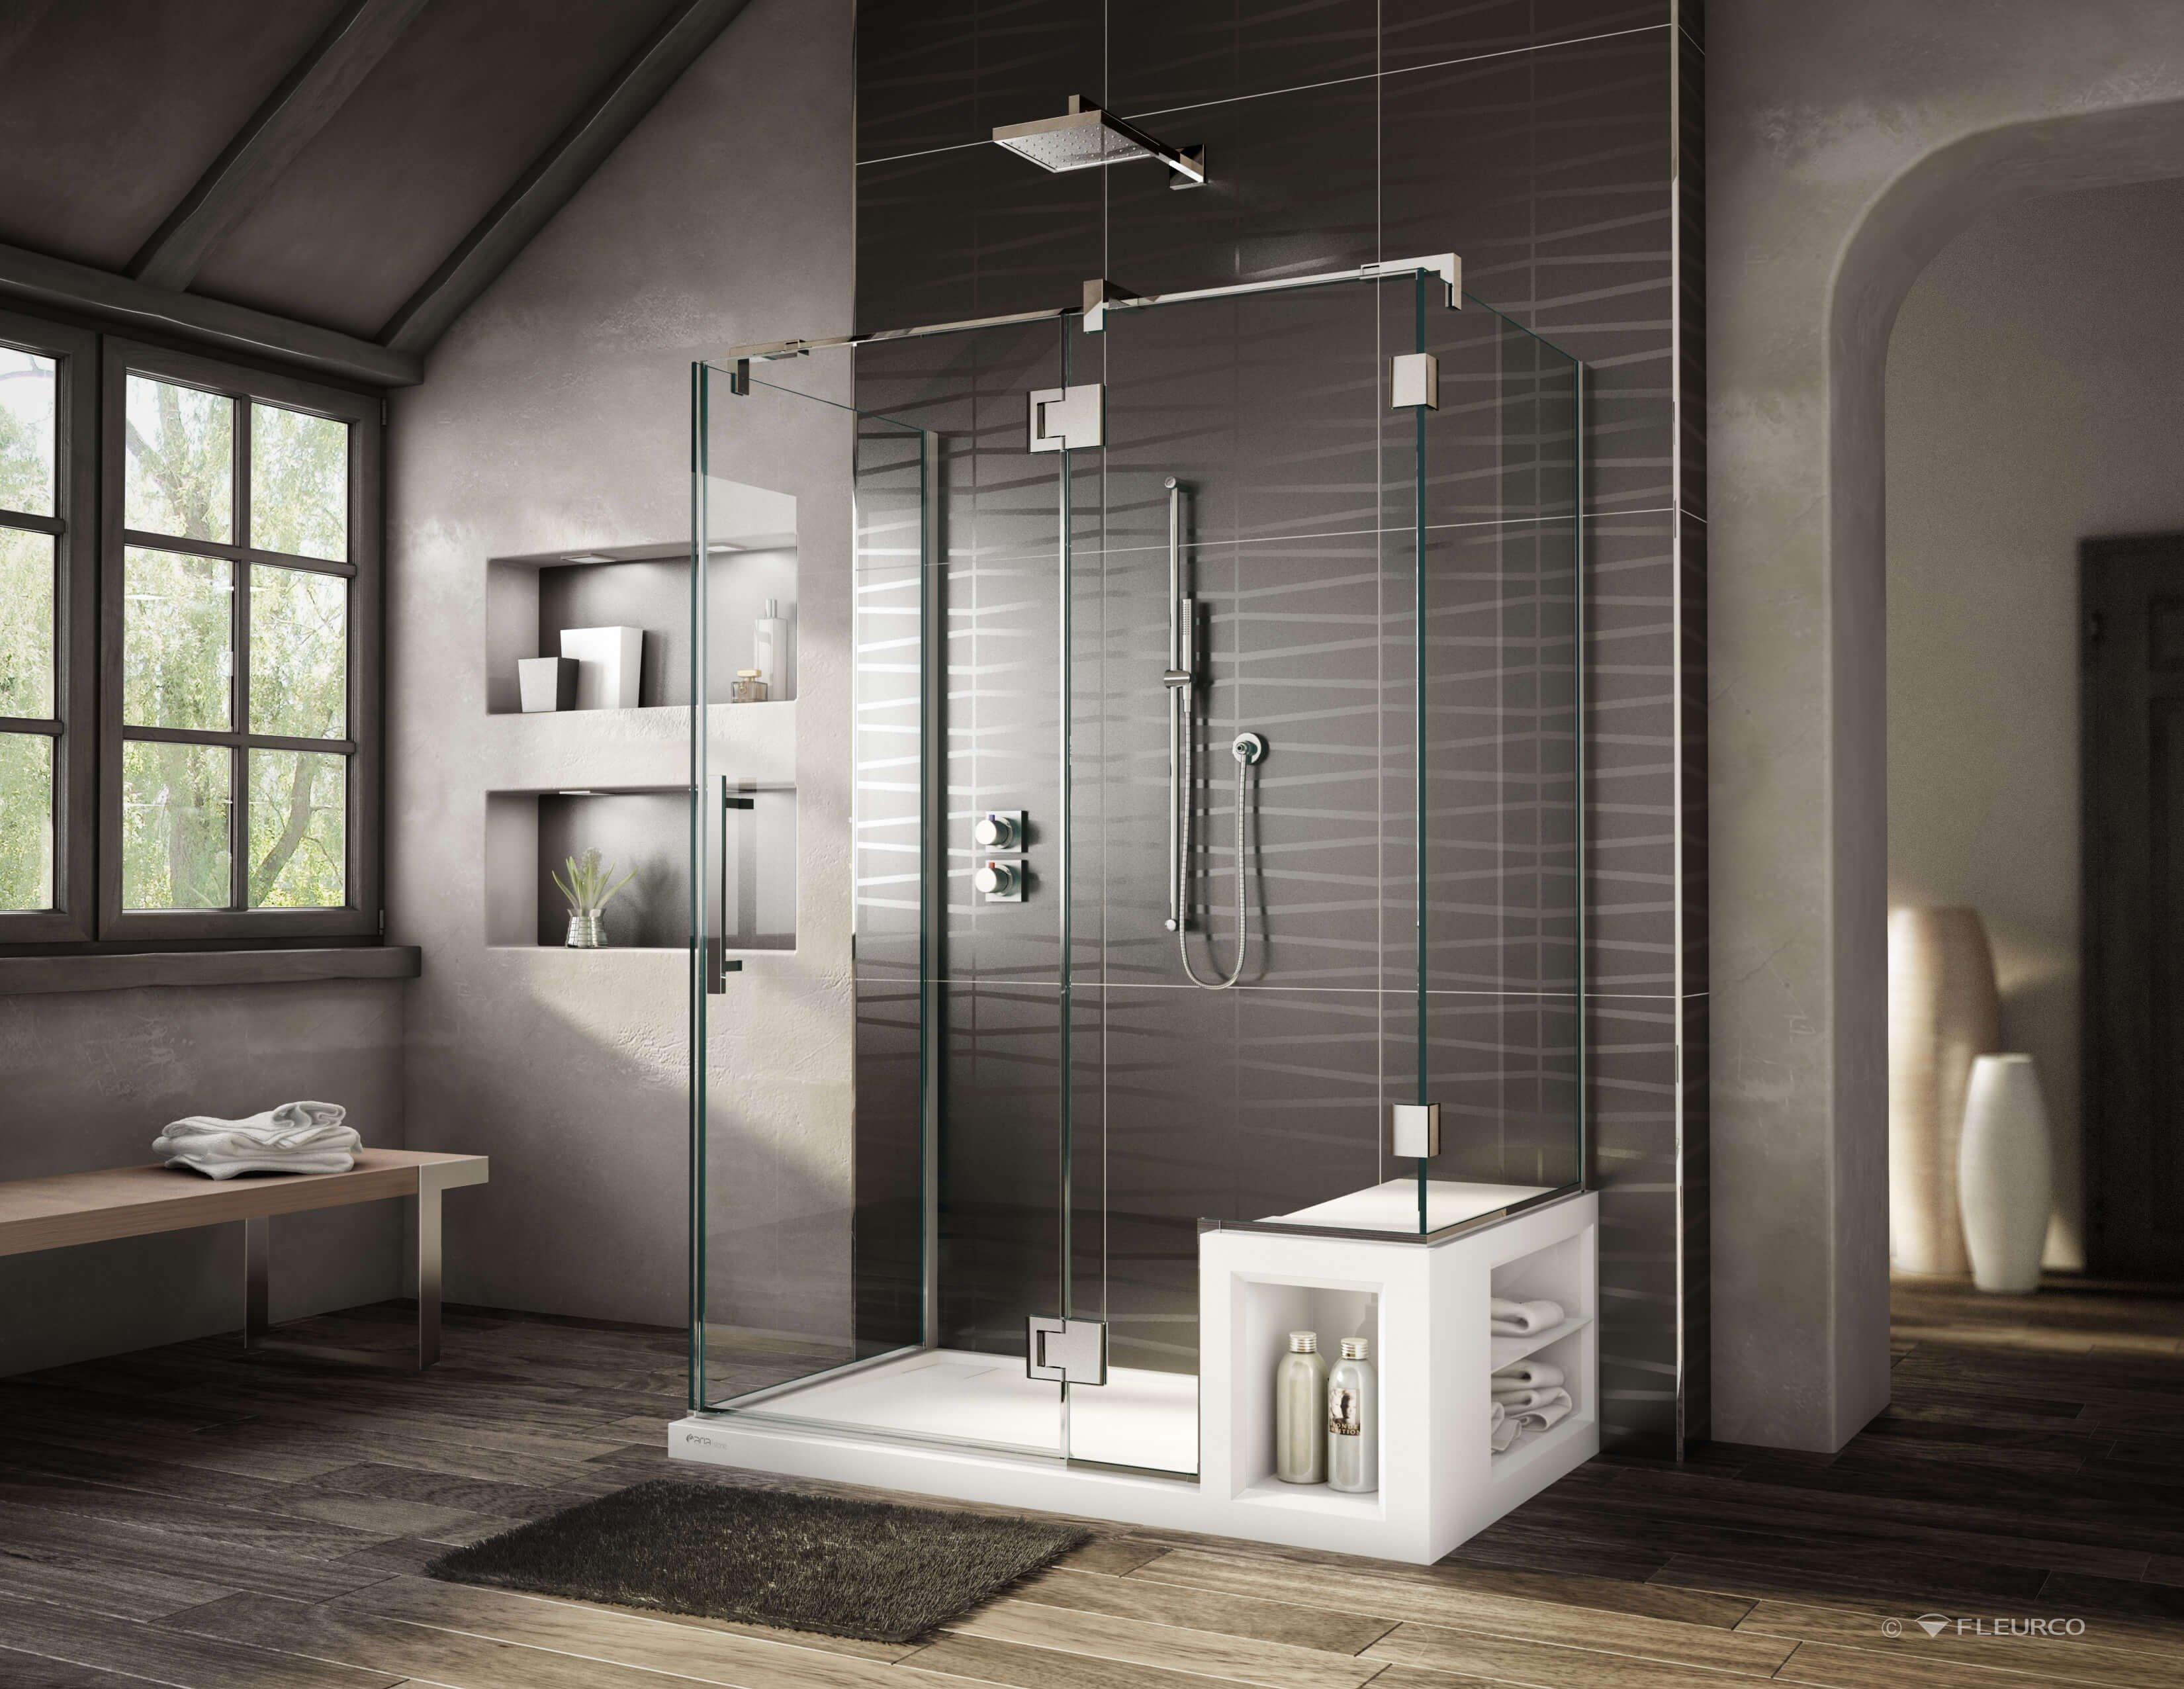 Фото санузла с душем без кабинки для